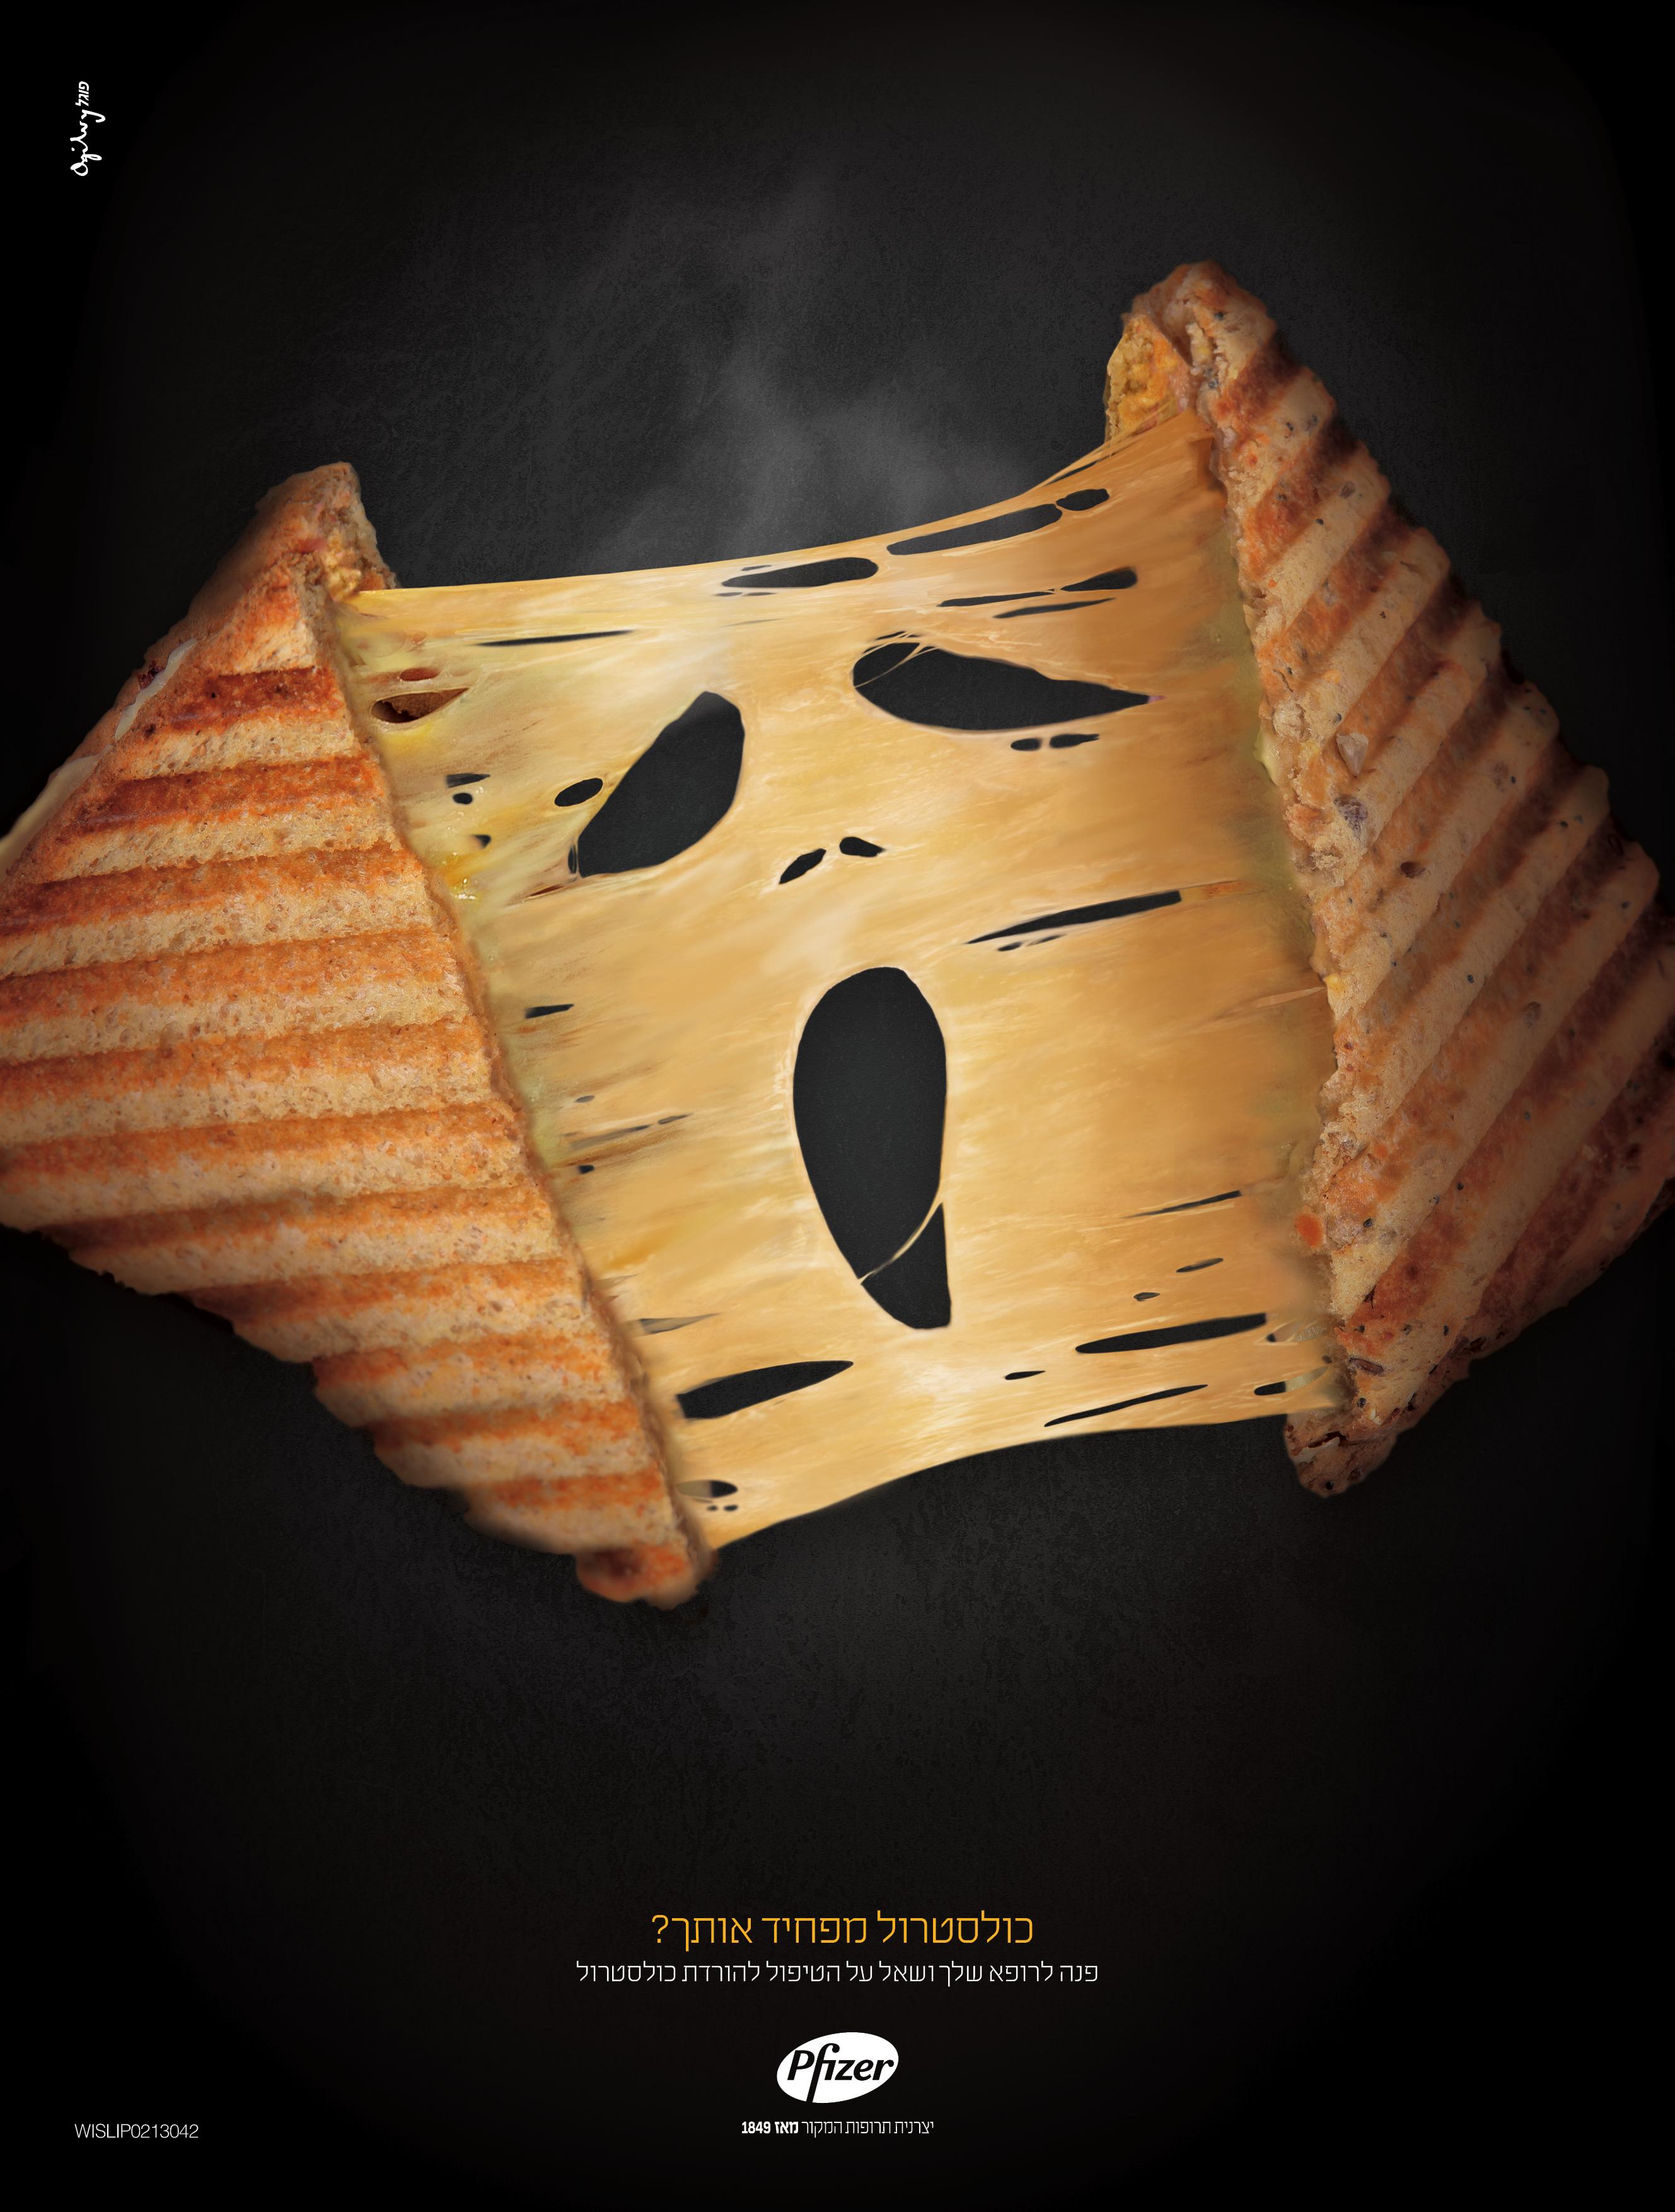 דג הזהב 2014: כולסטרול מפחיד אותך?